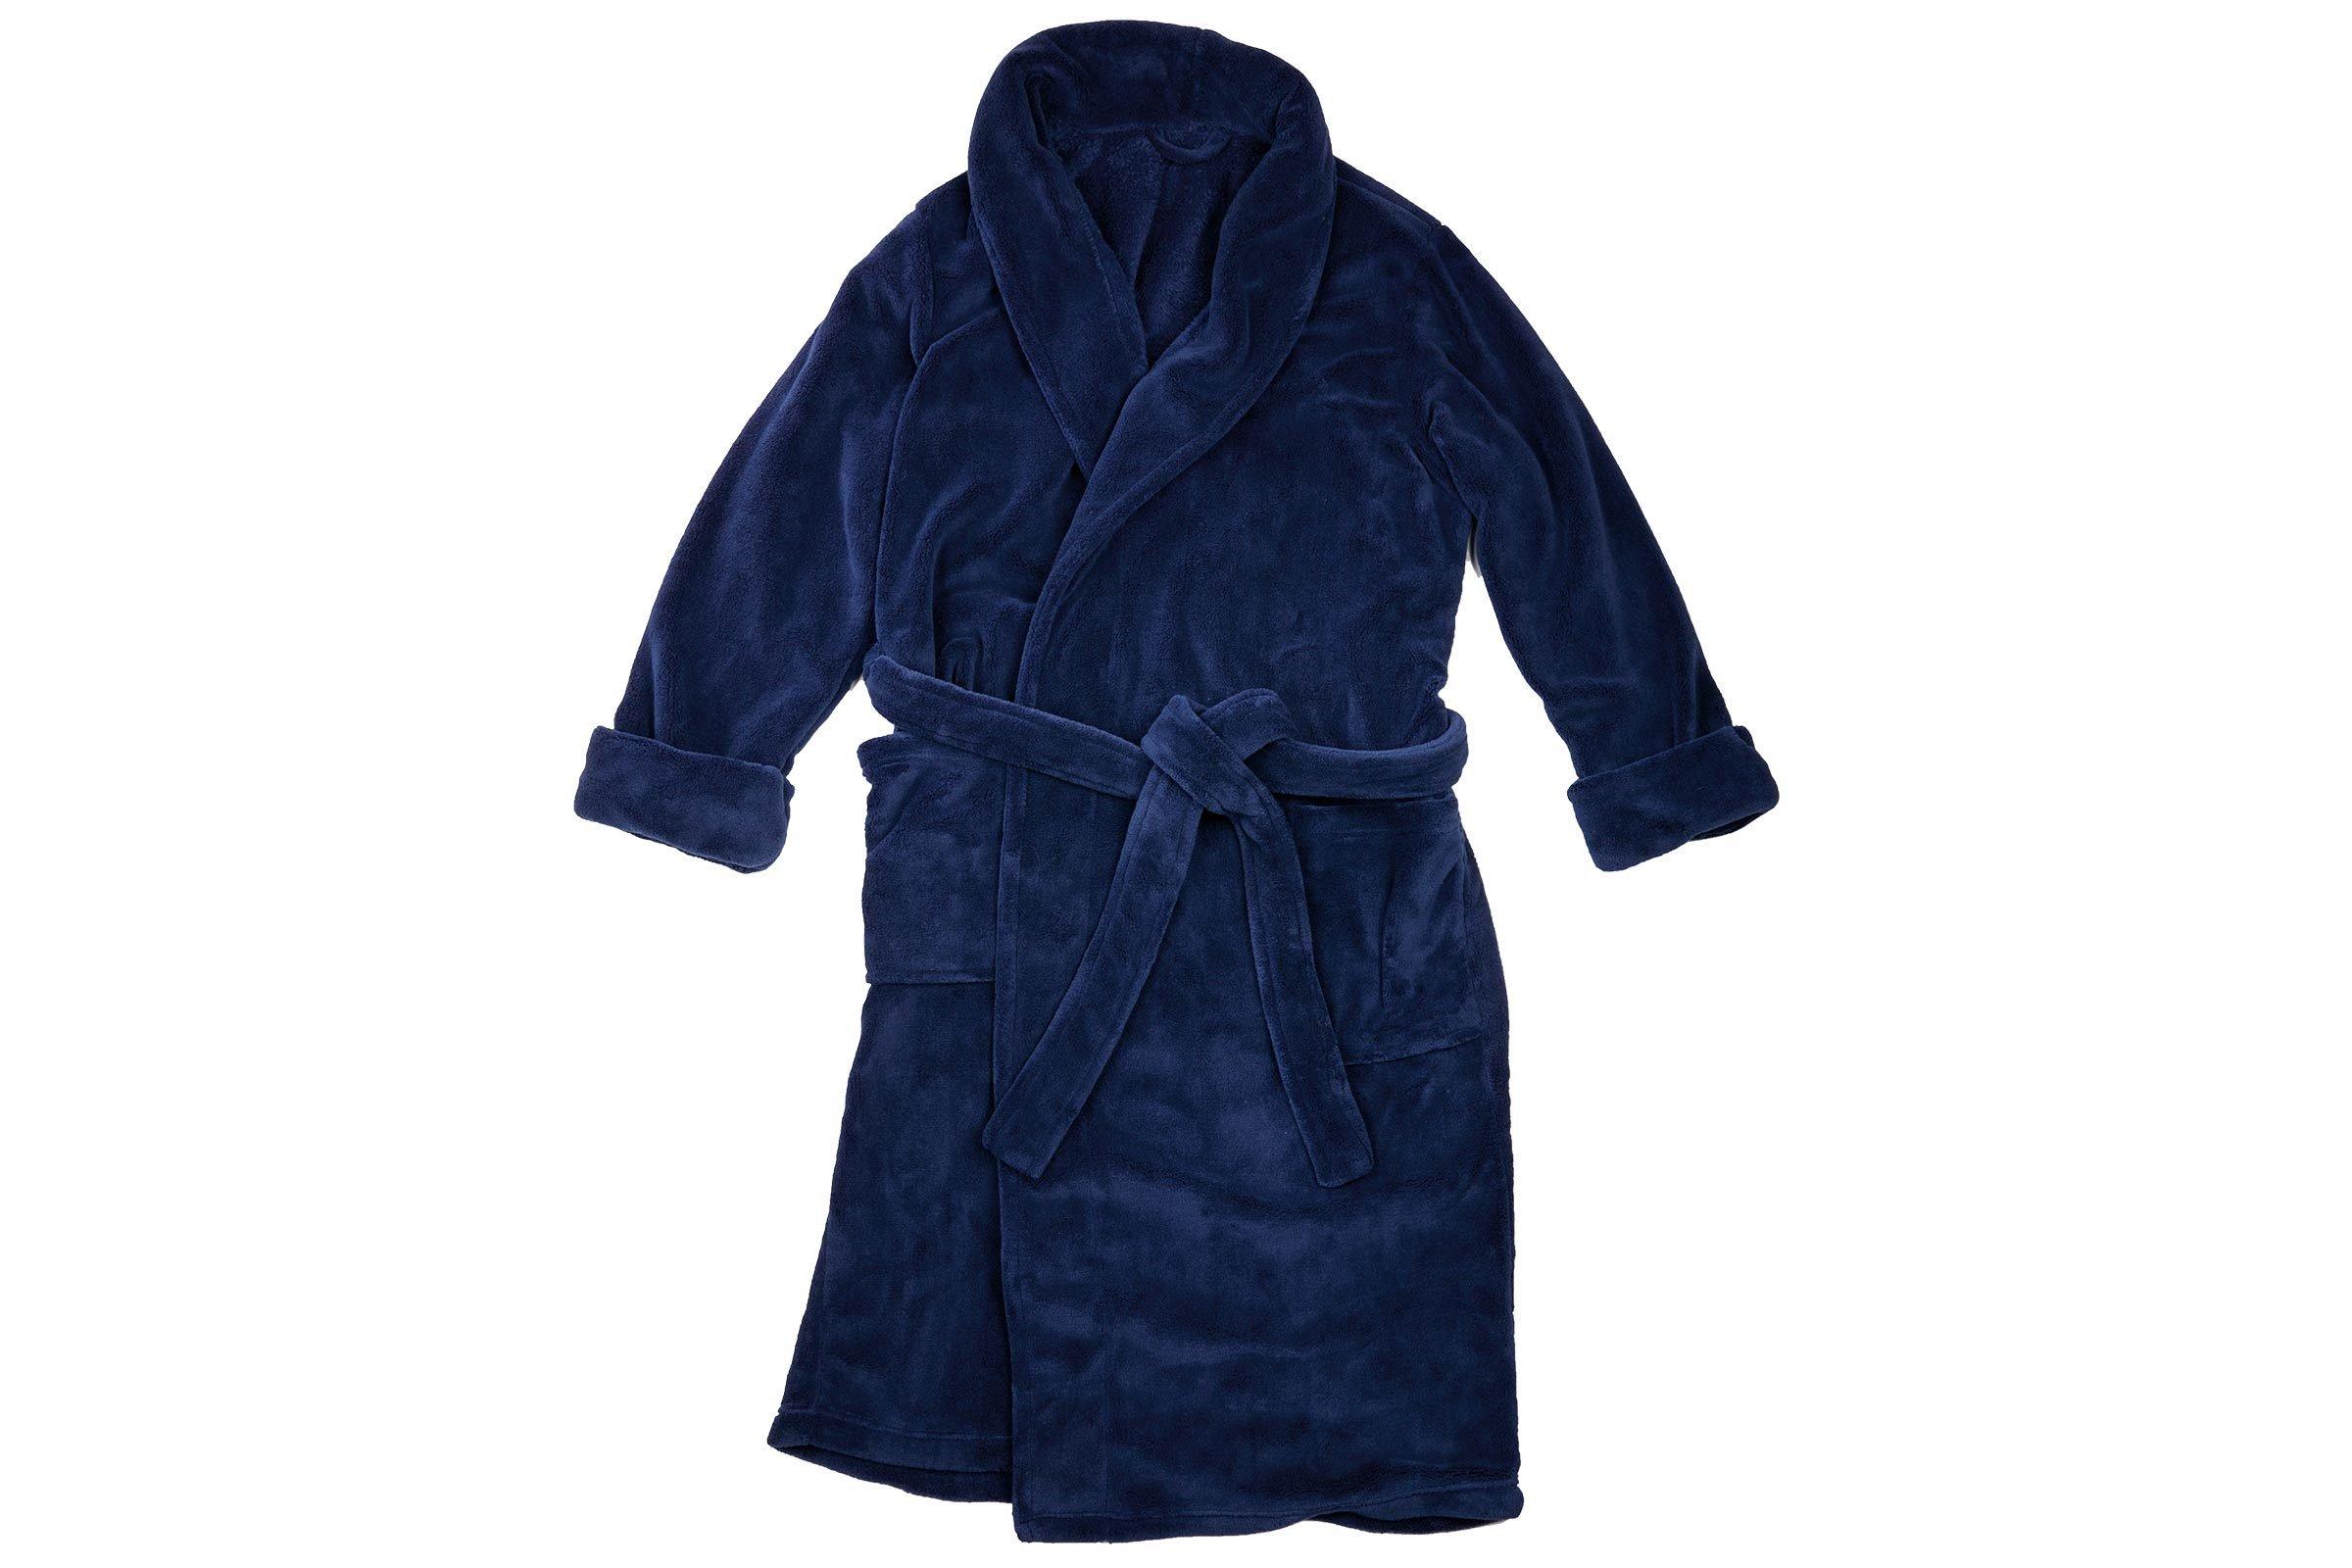 Royal Class Men's Micro Plush Bath Robe